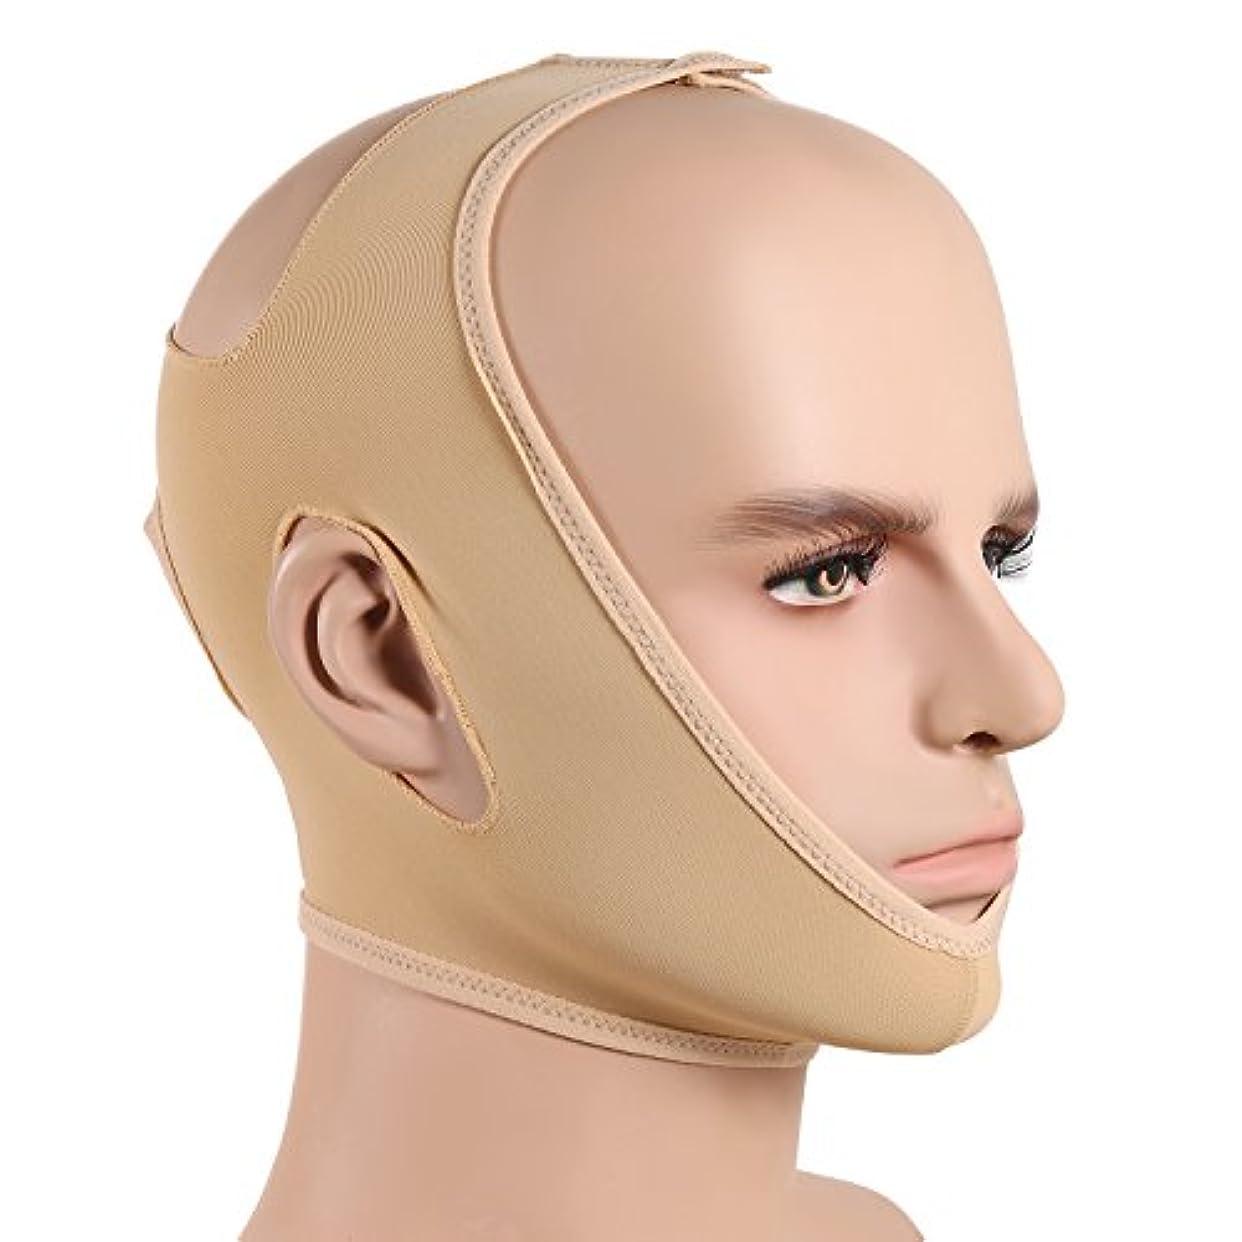 対称失礼な打ち負かすJewelryWe 小顔ベルト 美顔マスク 眠りながら 小顔 矯正 額、顎下、頬リフトアップ 小顔マスク 男女兼用 Mサイズ